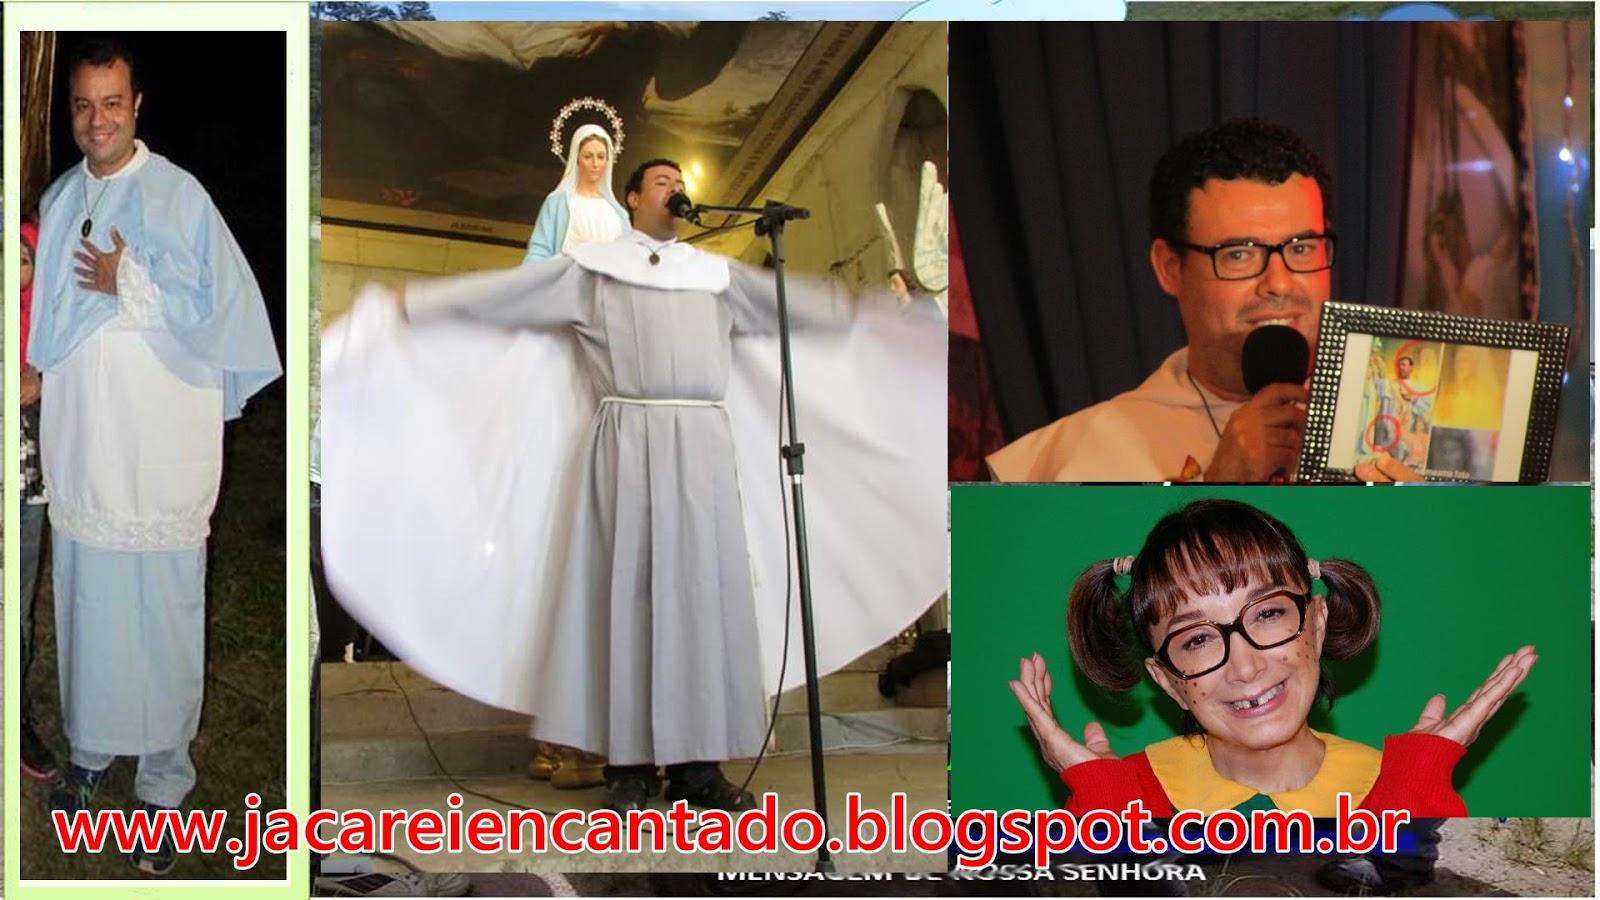 www.jacareiencantado.blogspot.com.br  <<<<<